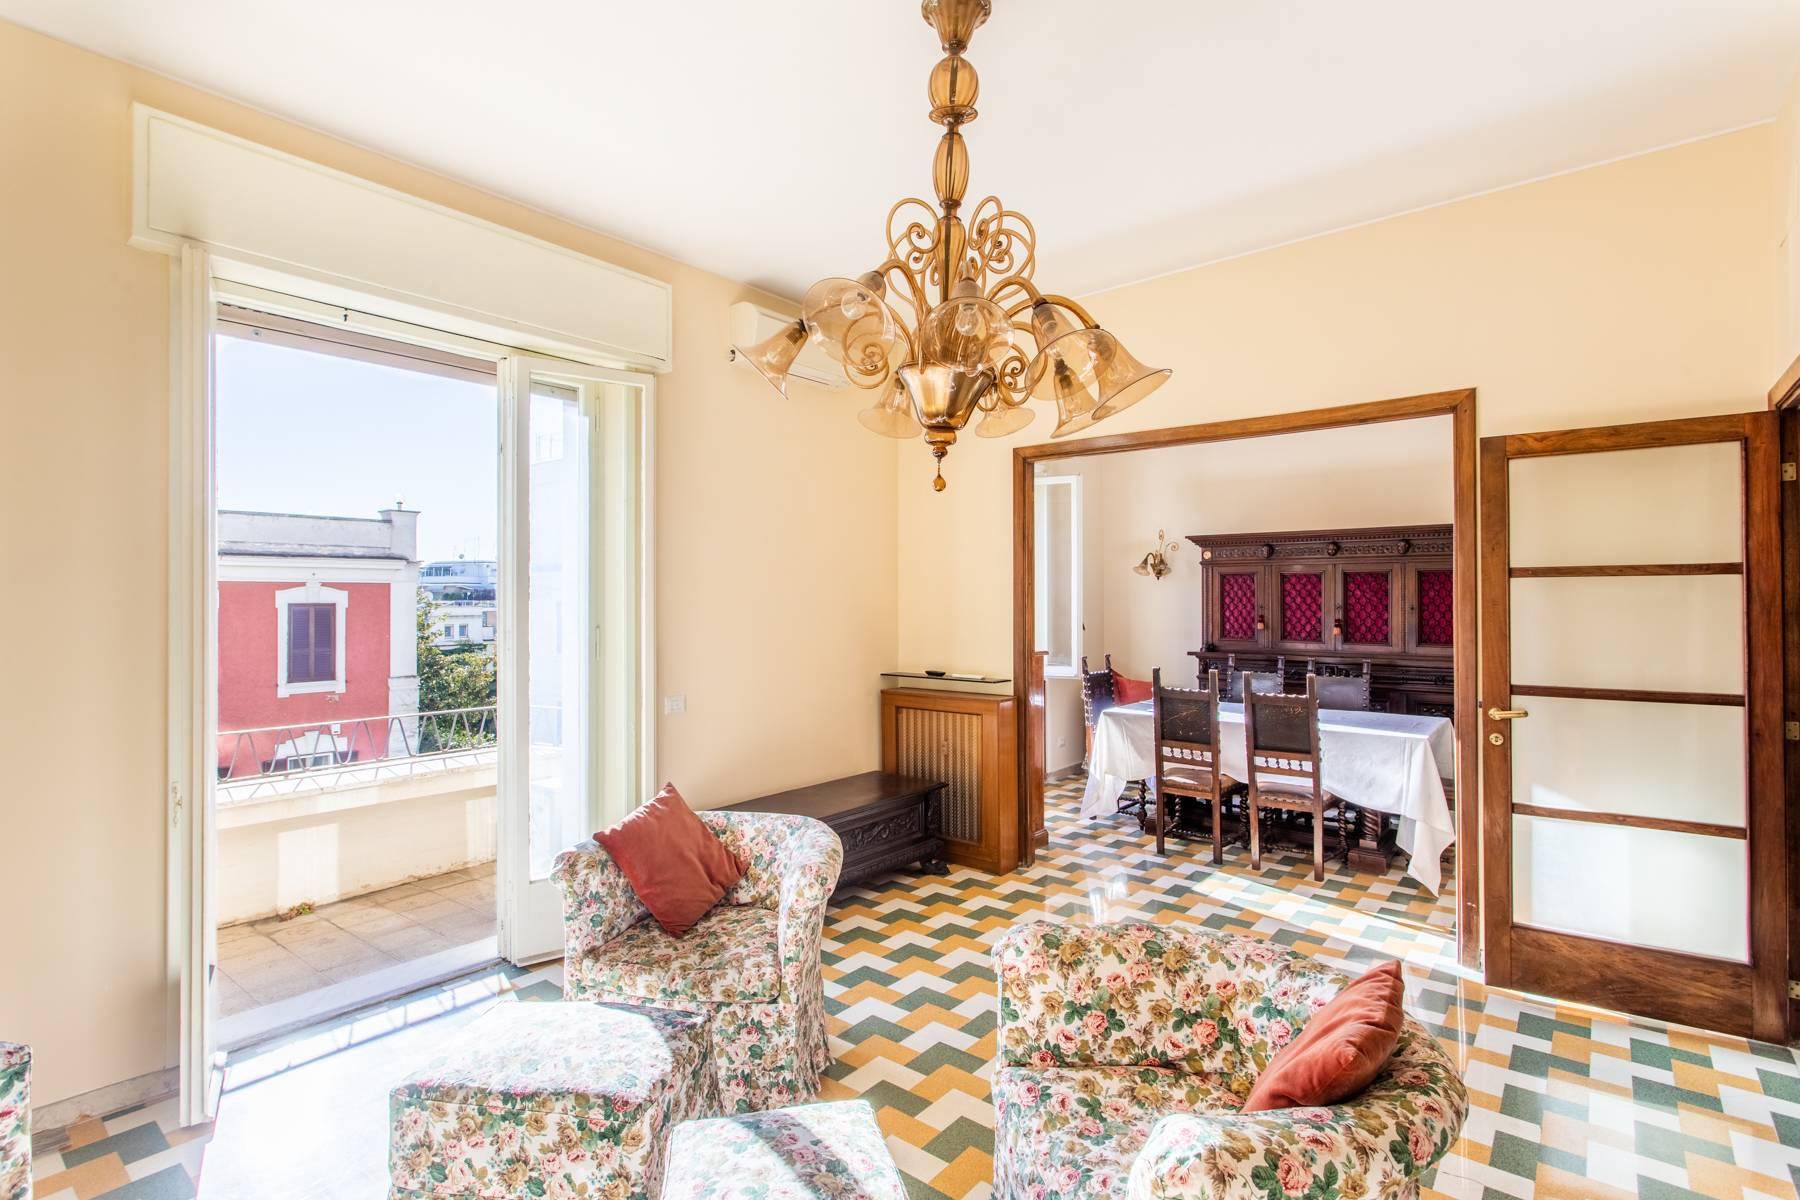 Appartamento in Affitto a Roma 29 Monteverde / Gianicolense / Colli Portuensi: 5 locali, 120 mq